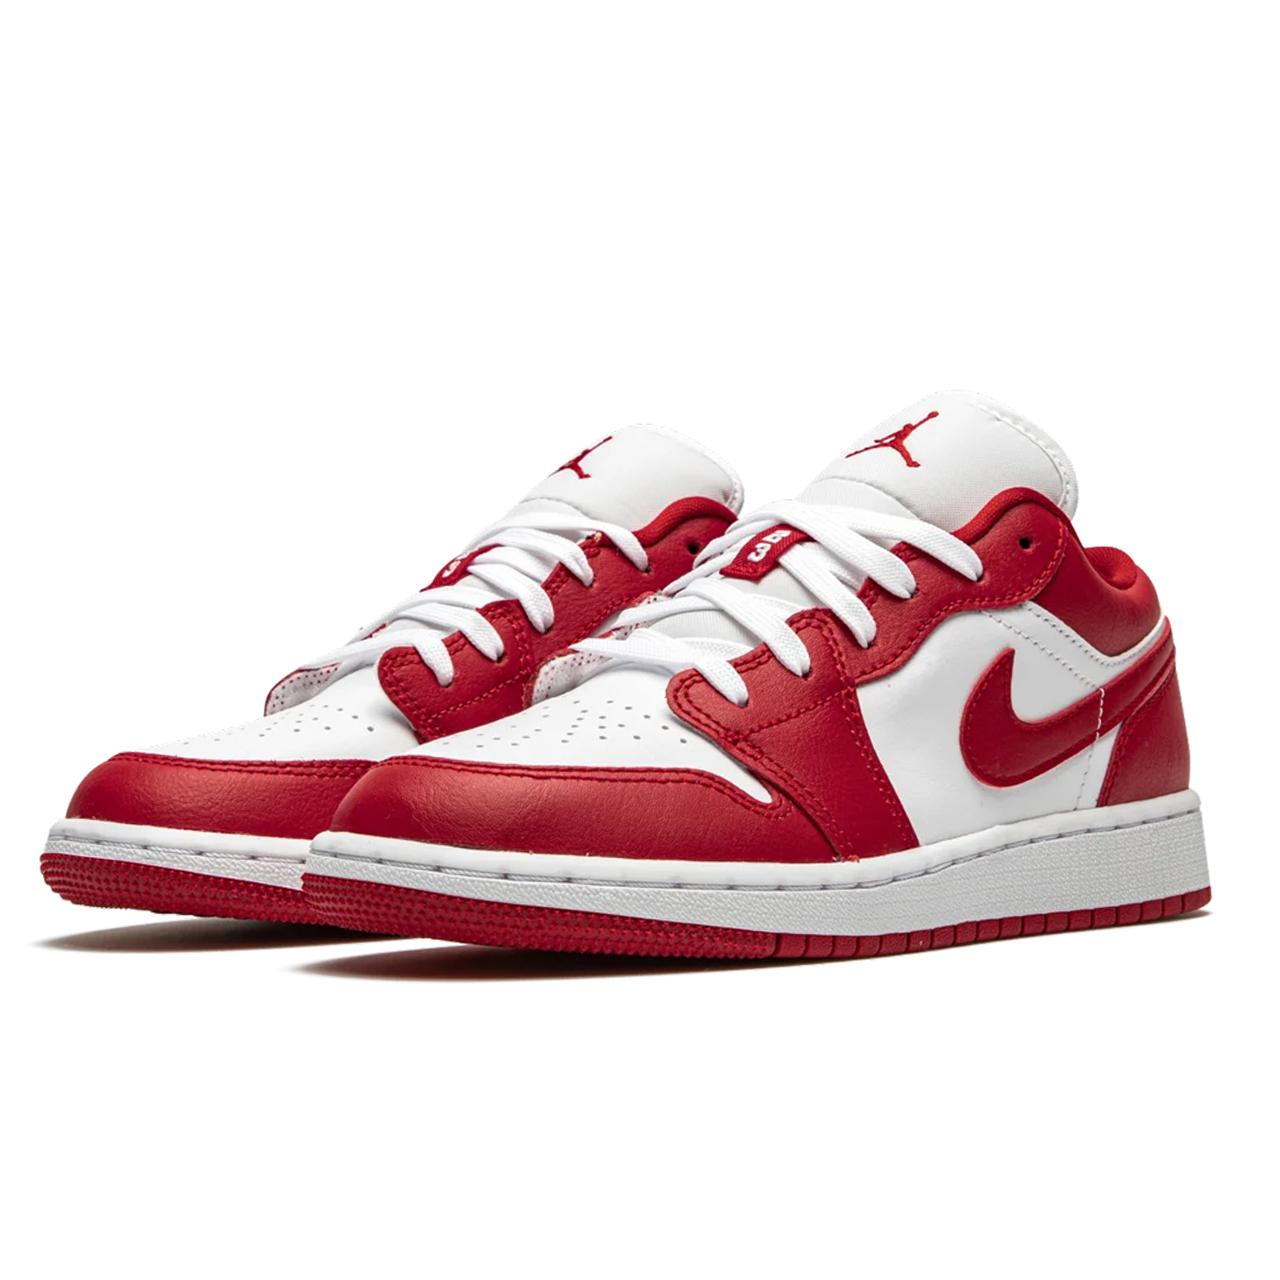 Air Jordan 1 Low Gym Red White   DS Kicks